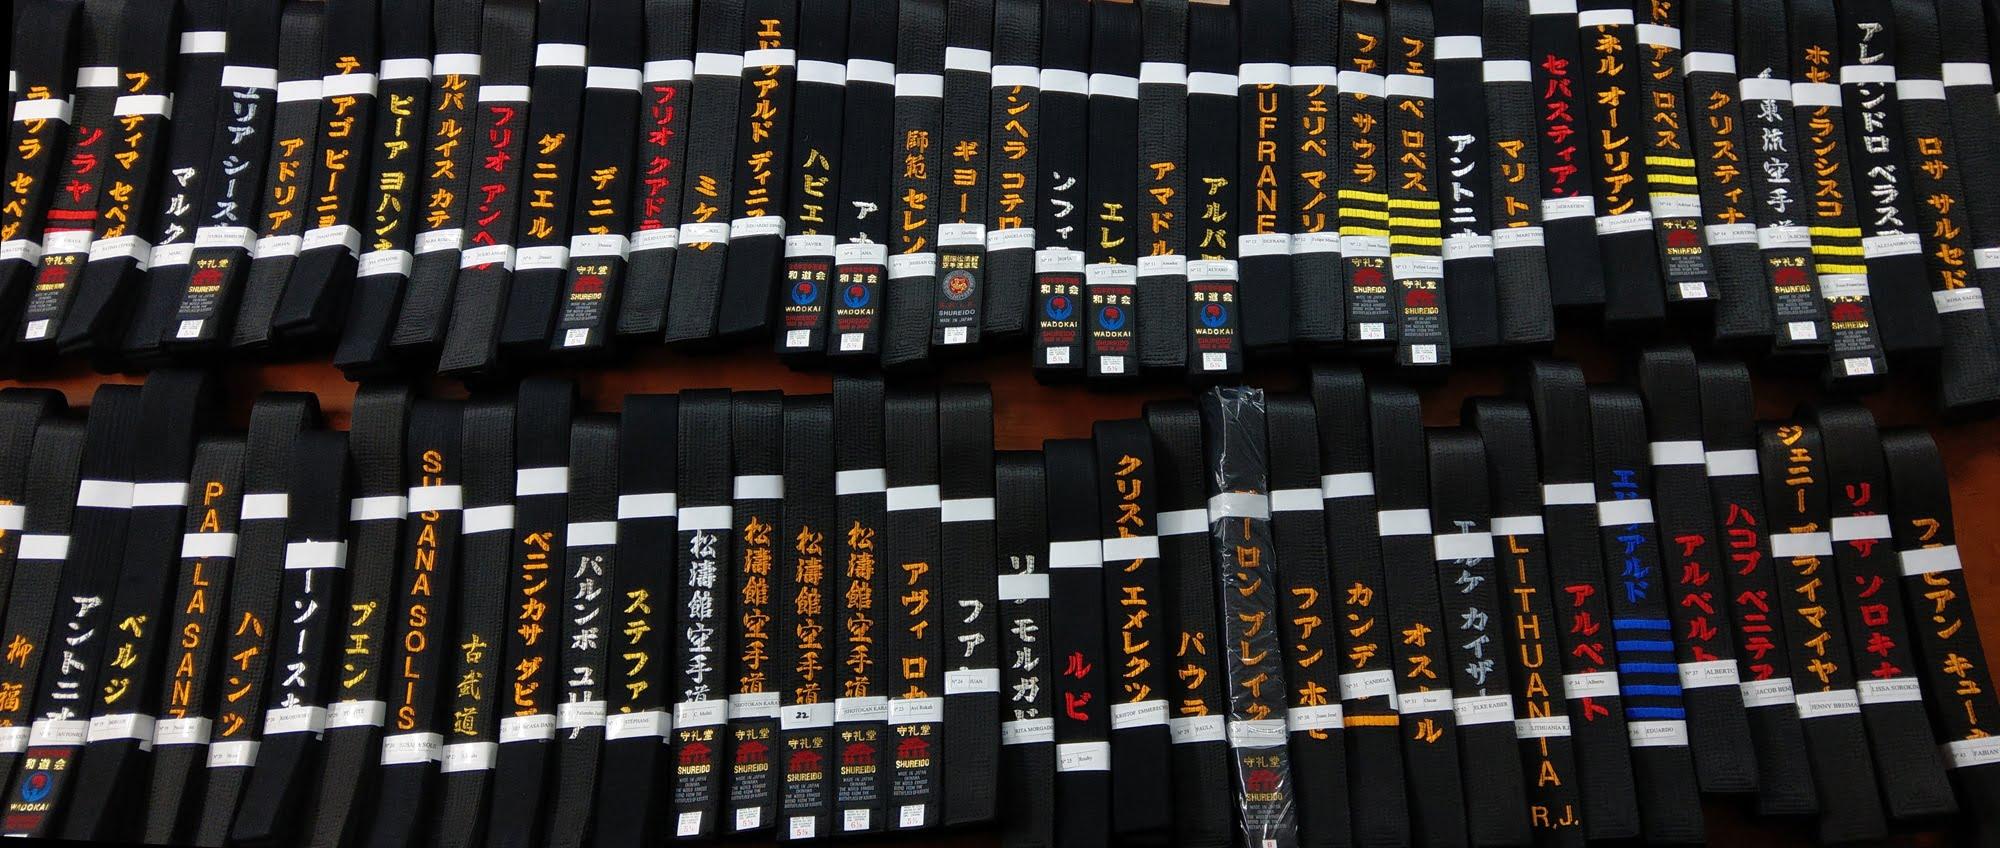 Ceinture Noire de Karate SHUREIDO Coton ou Soie-Satin qualité ... 9d602a1feec